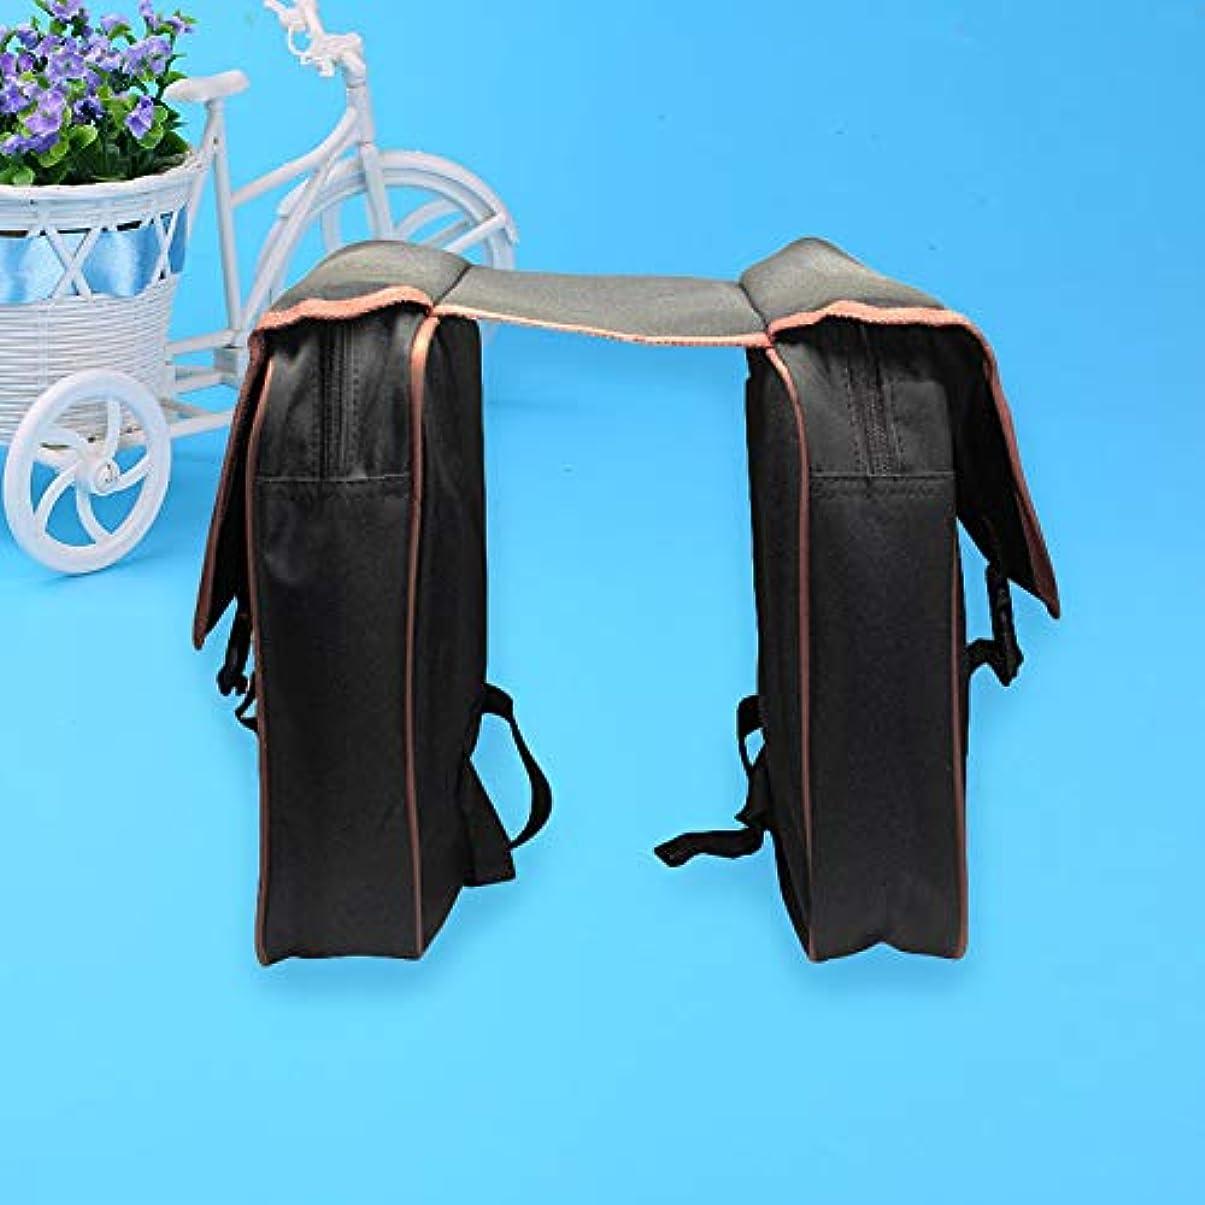 魅了するとげのある航空機自転車パニアバッグ リアラック 自転車パニアバッグ 自転車 後部座席ラックバッグ